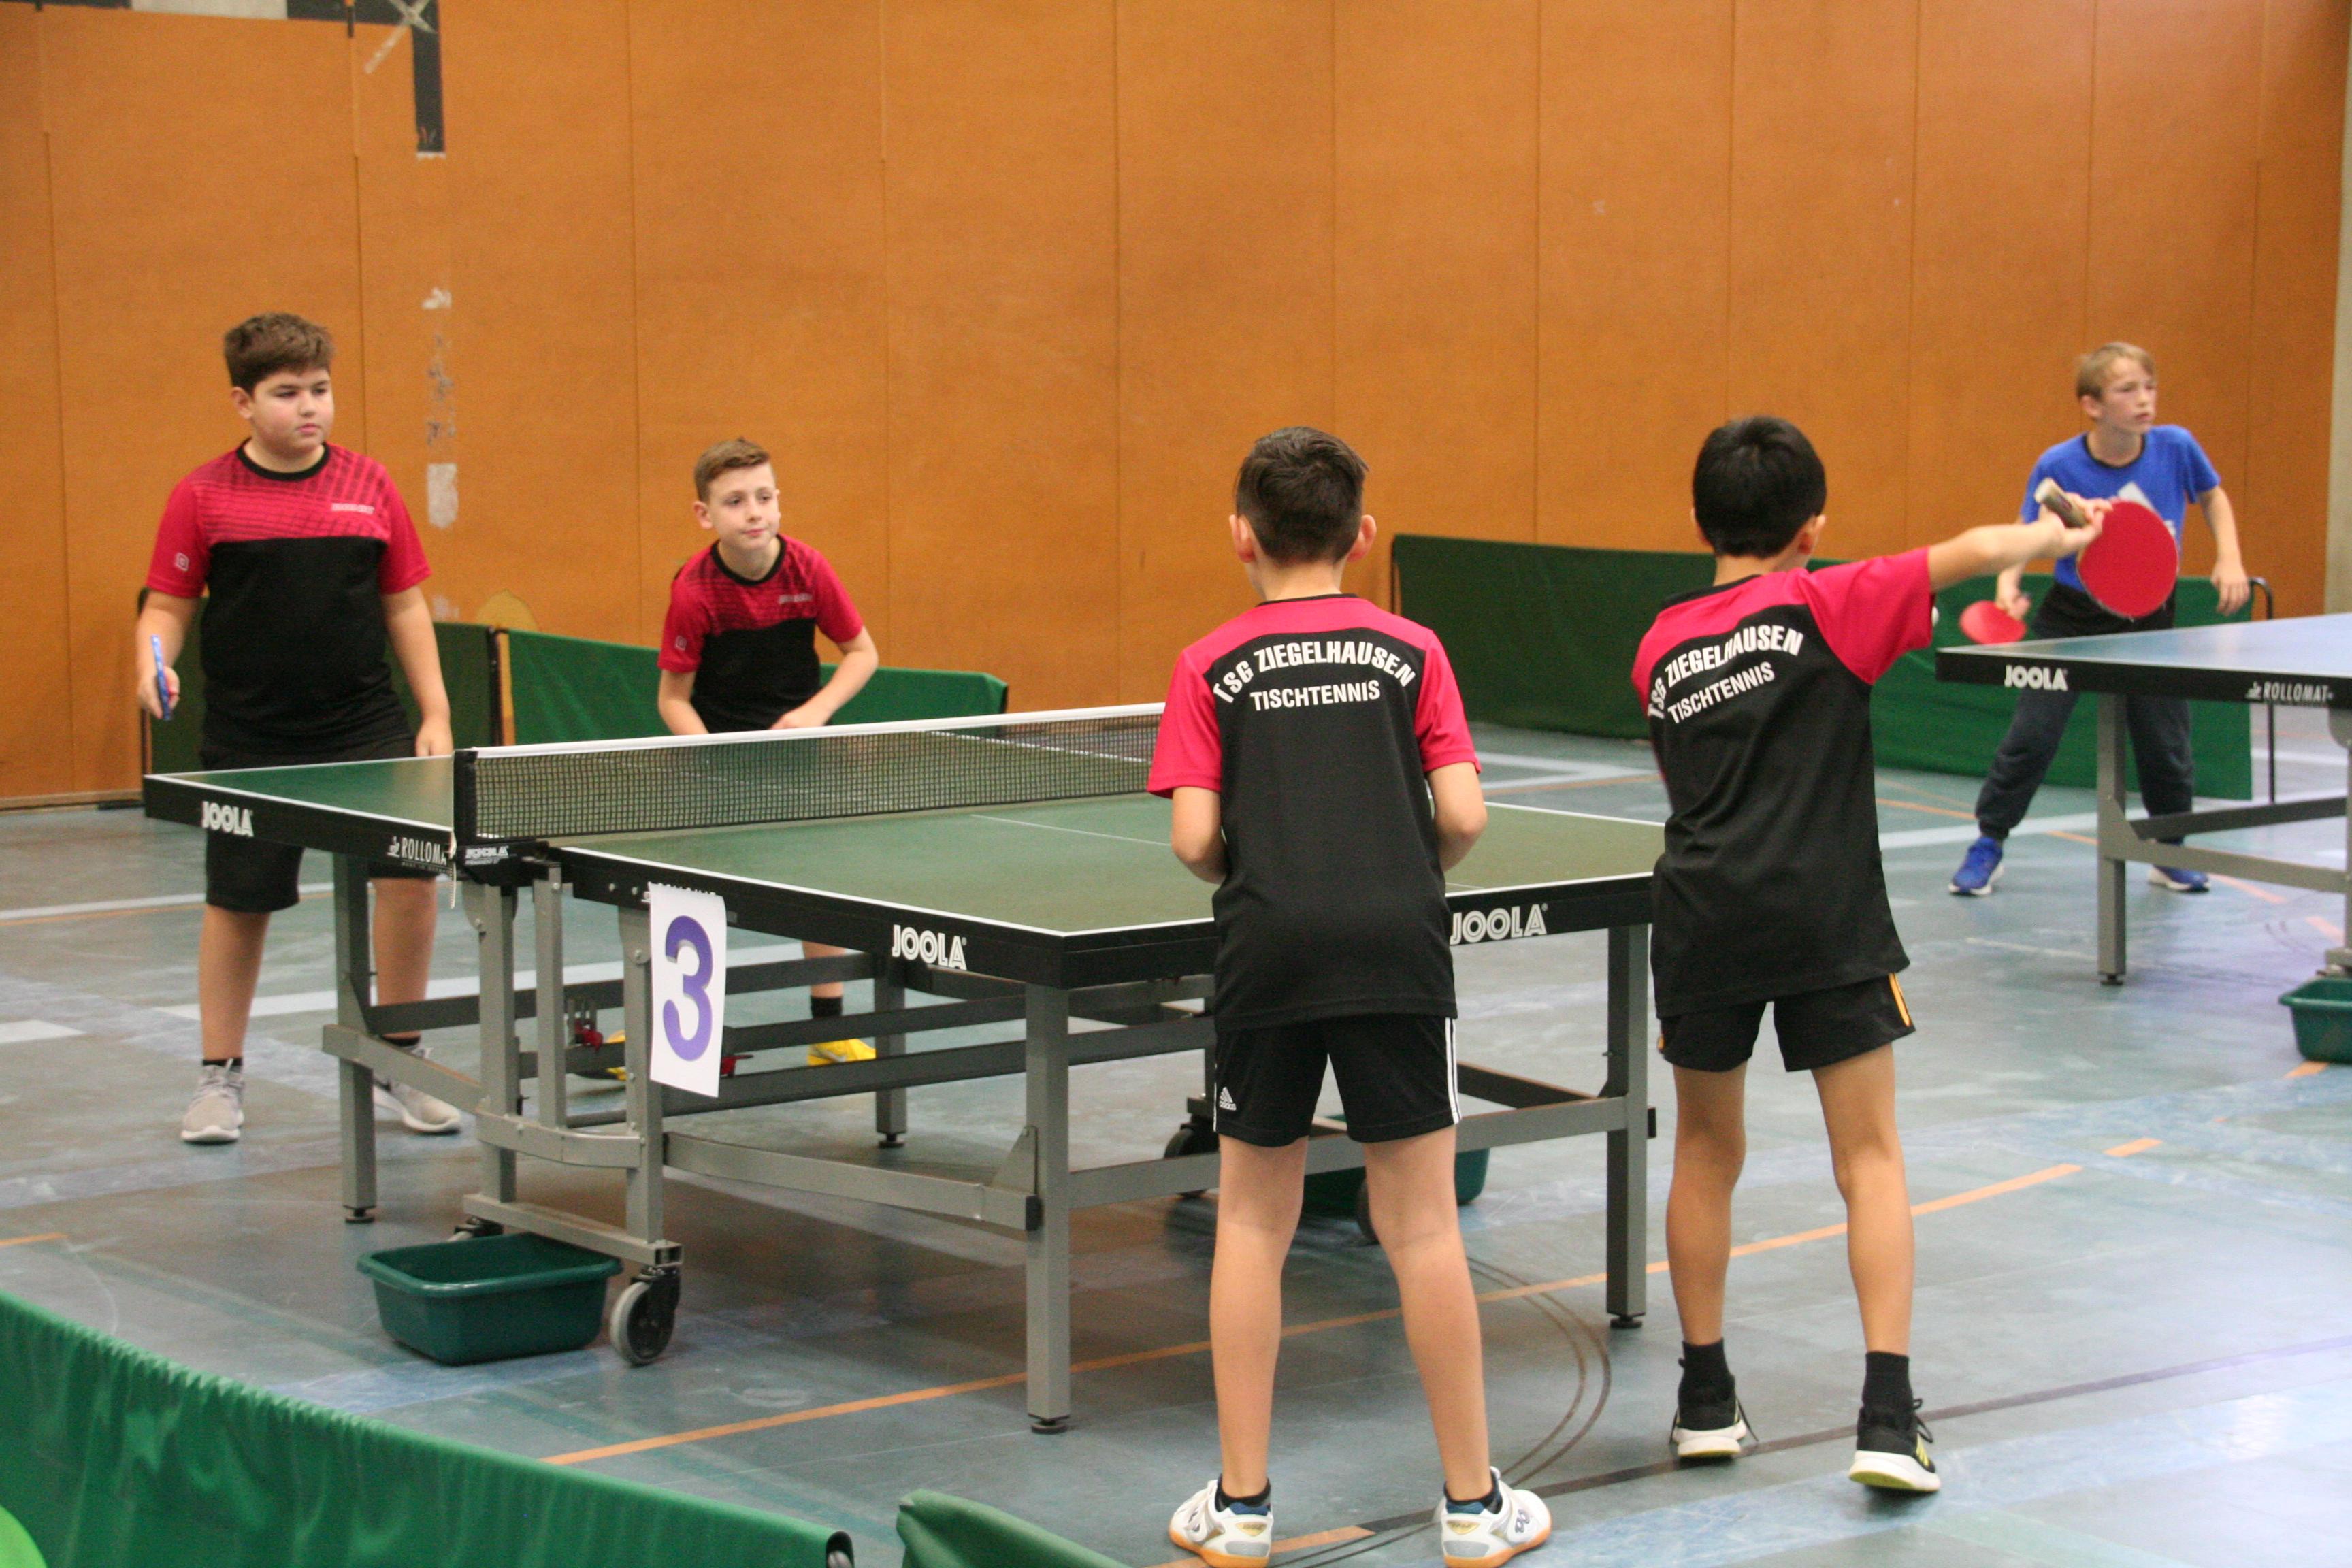 Kian, Linus, Paul und Johnny beim Einspielen vor dem Turnier